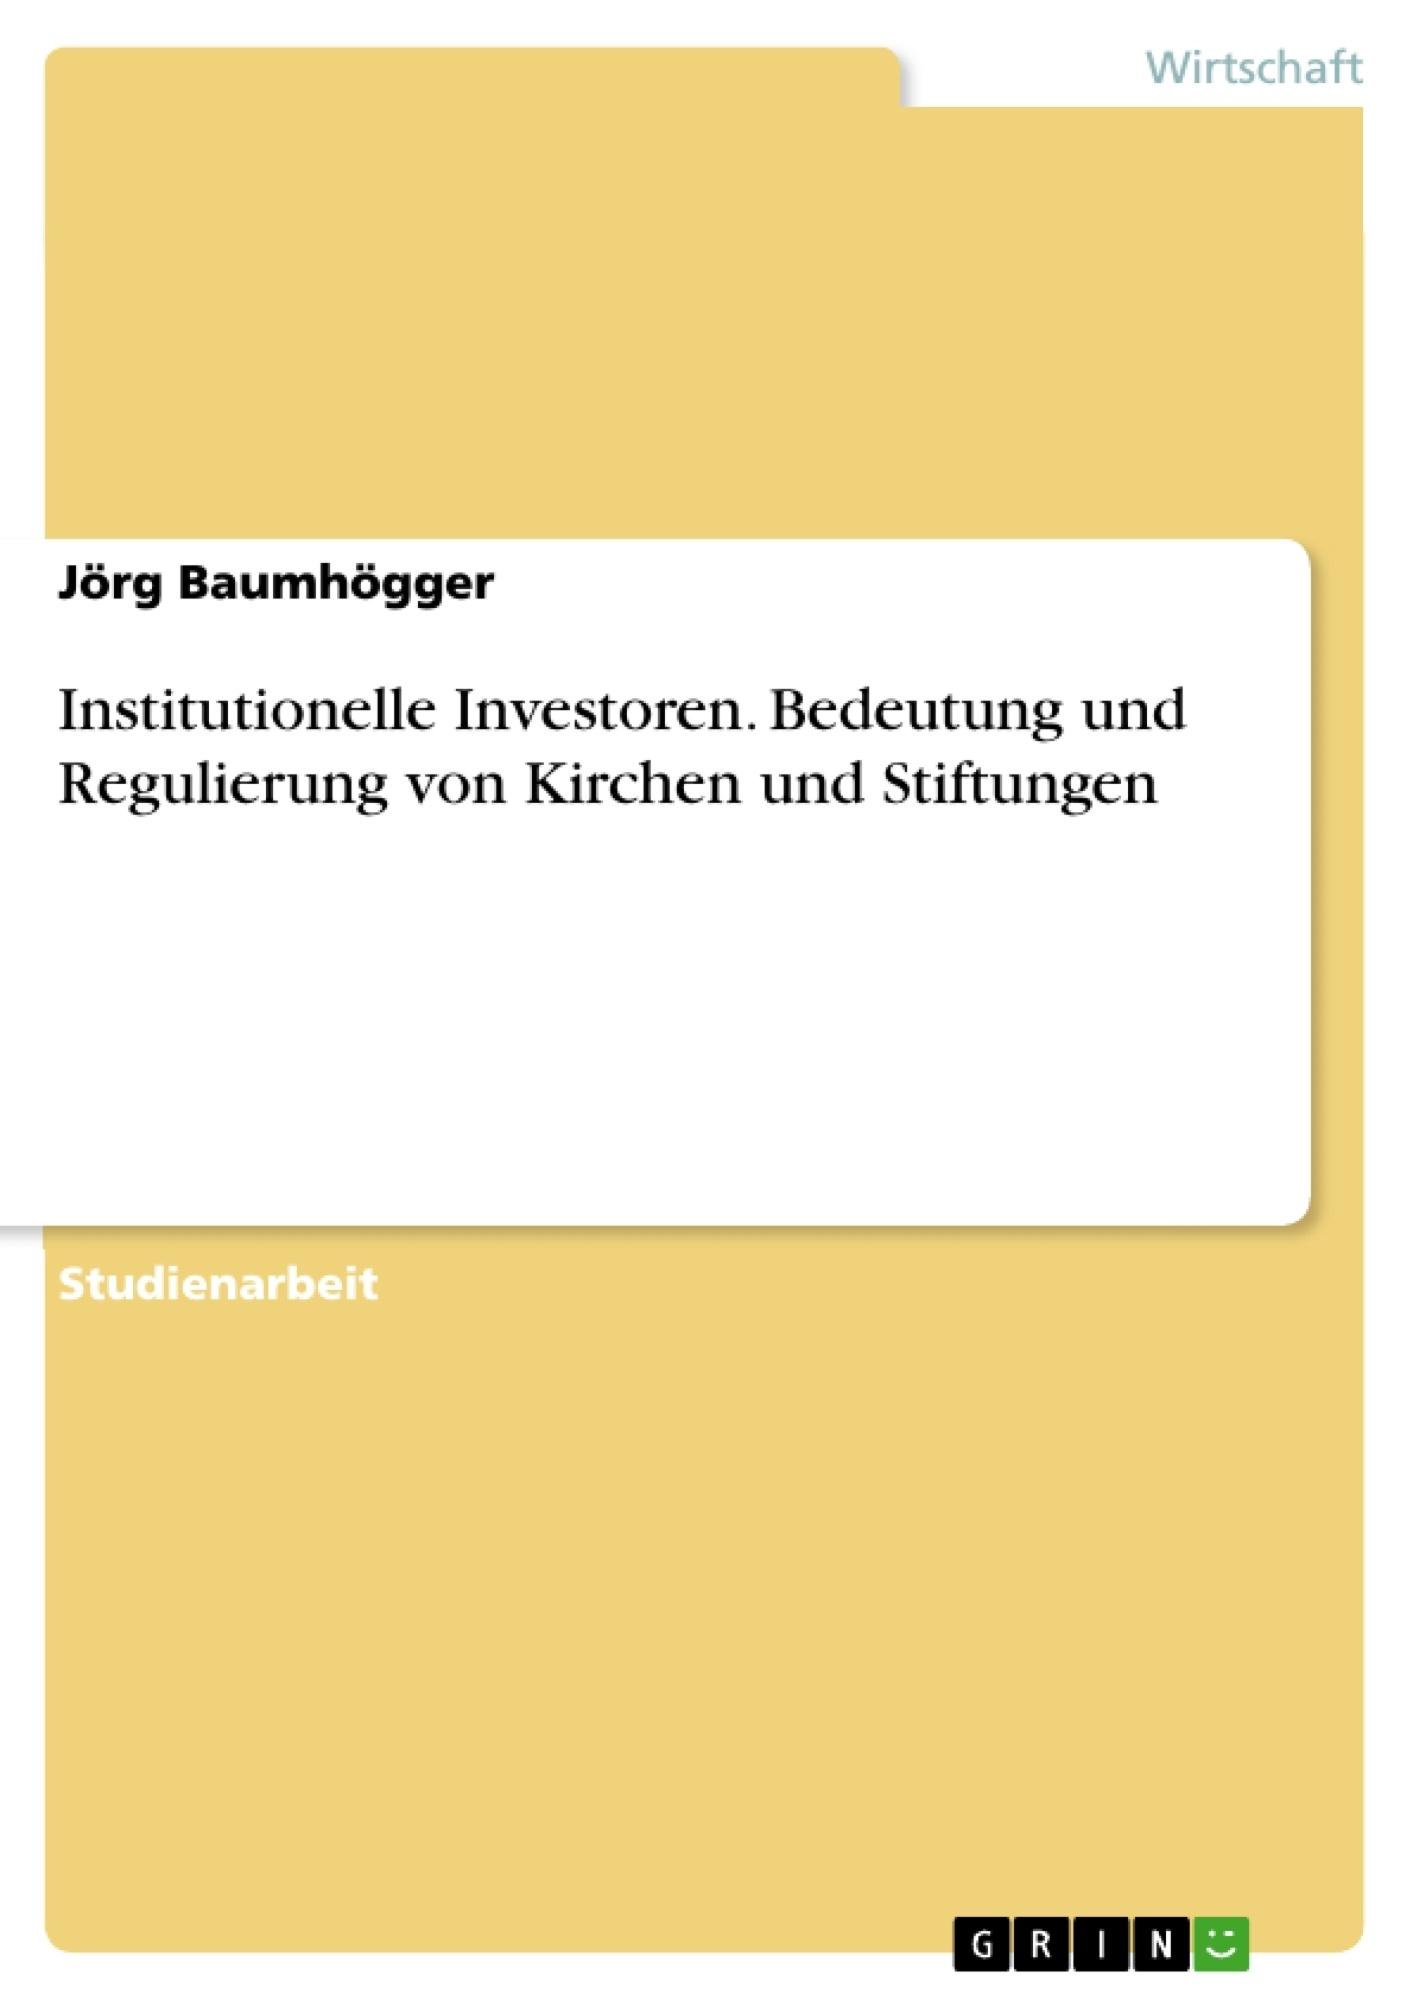 Titel: Institutionelle Investoren. Bedeutung und Regulierung von Kirchen und Stiftungen